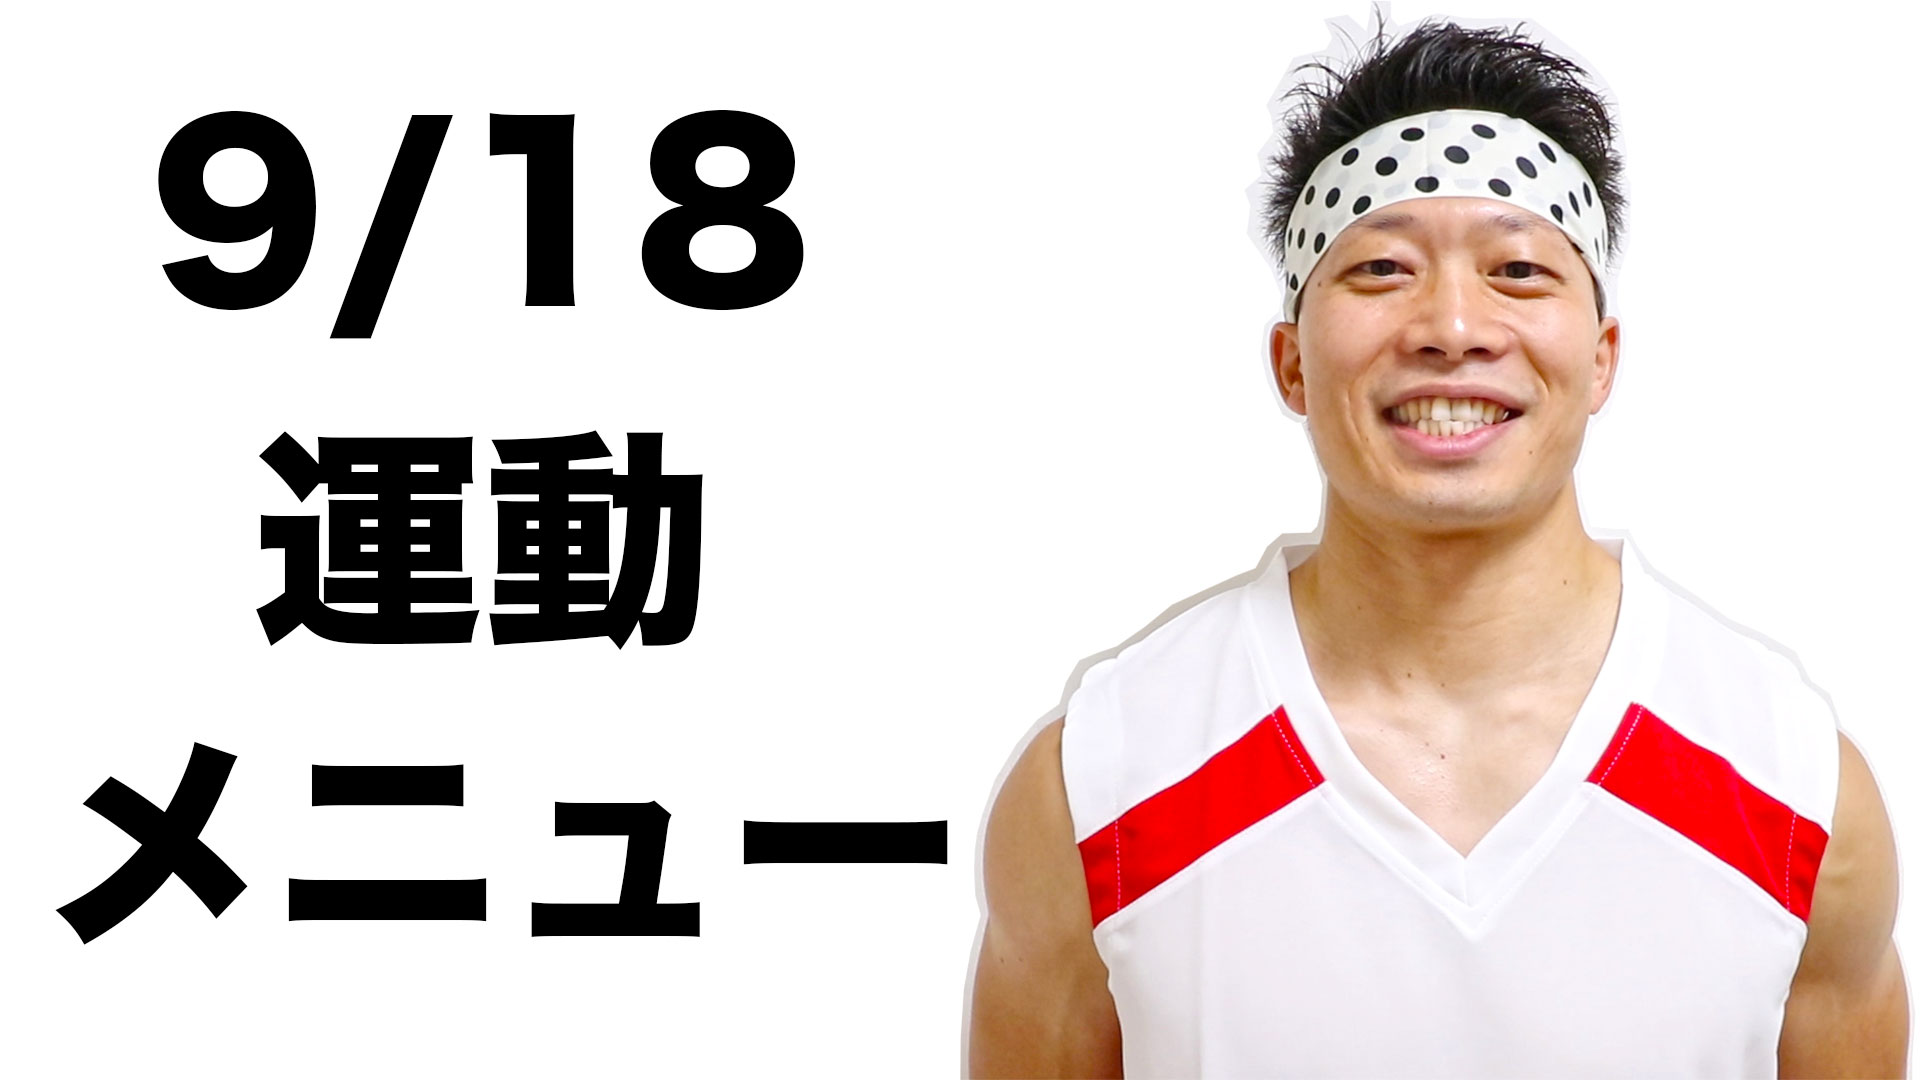 【ハロウィン筋トレ】9/18の腹筋を割る運動メニュー!